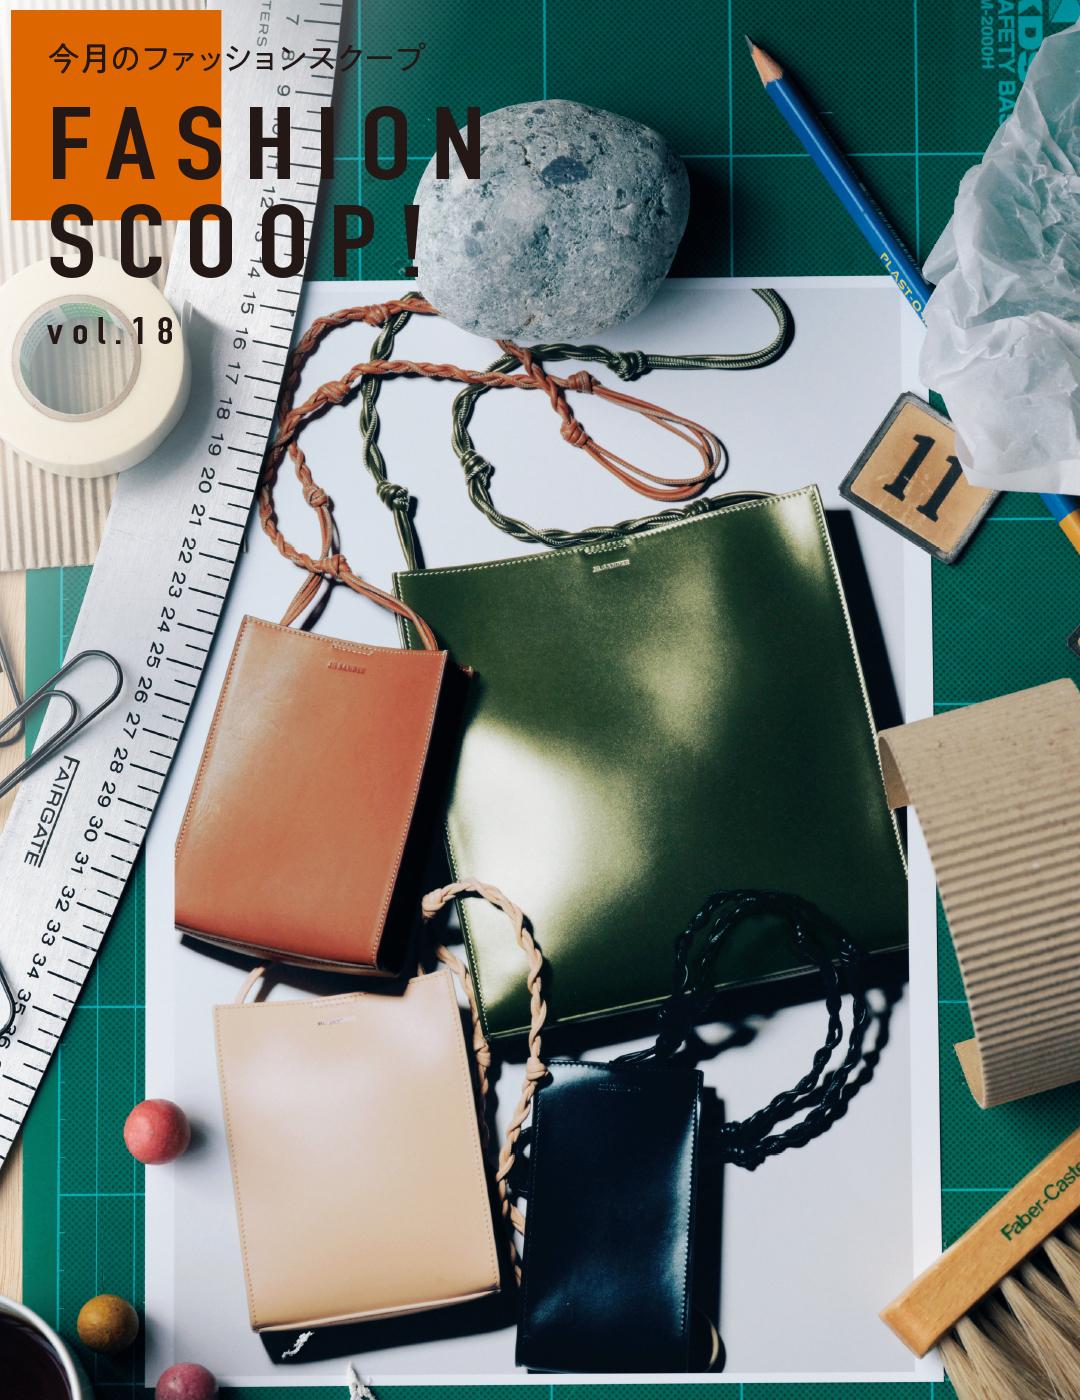 今月のファッションスクープ FASHION SCOOP! vol.18